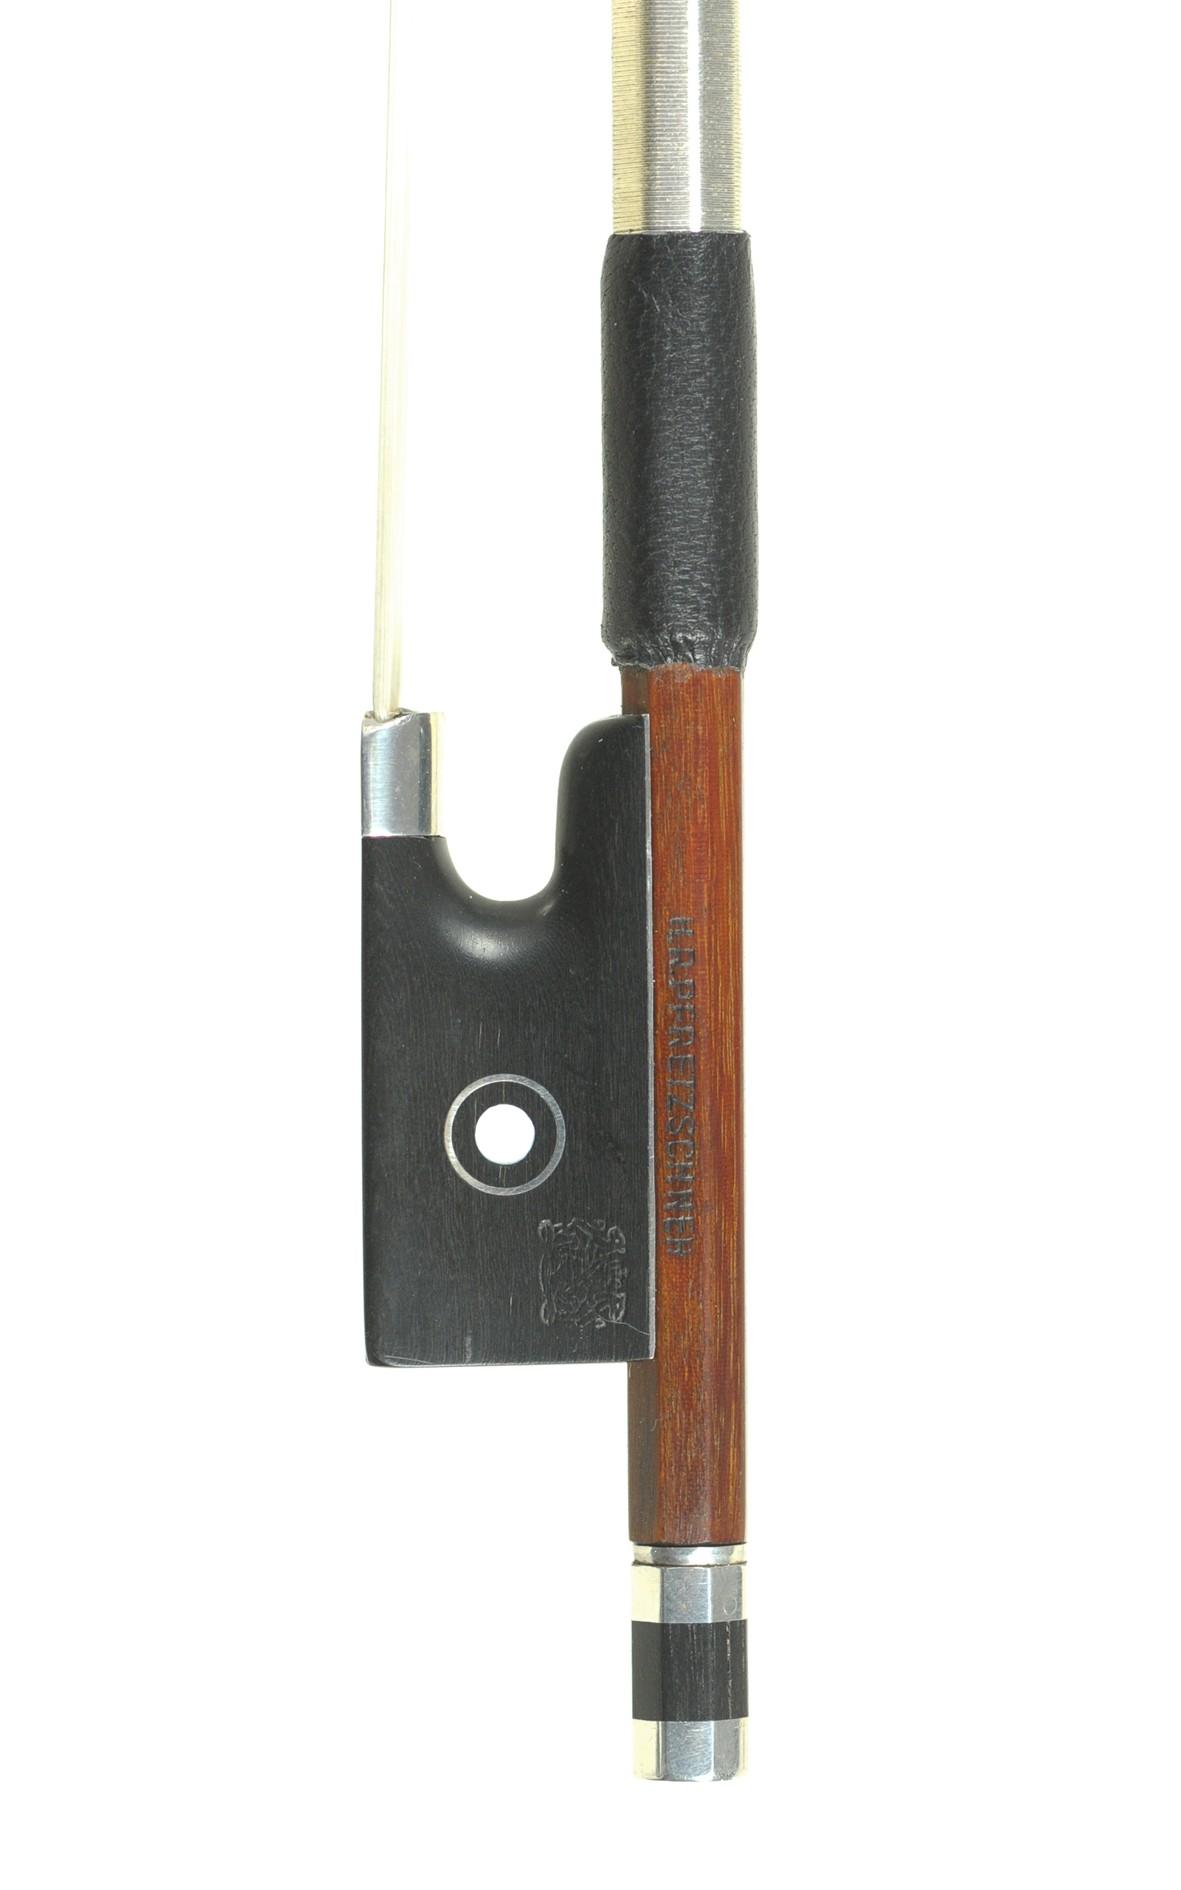 HR Pfretzschner violin bow, Markneukirchen - frog